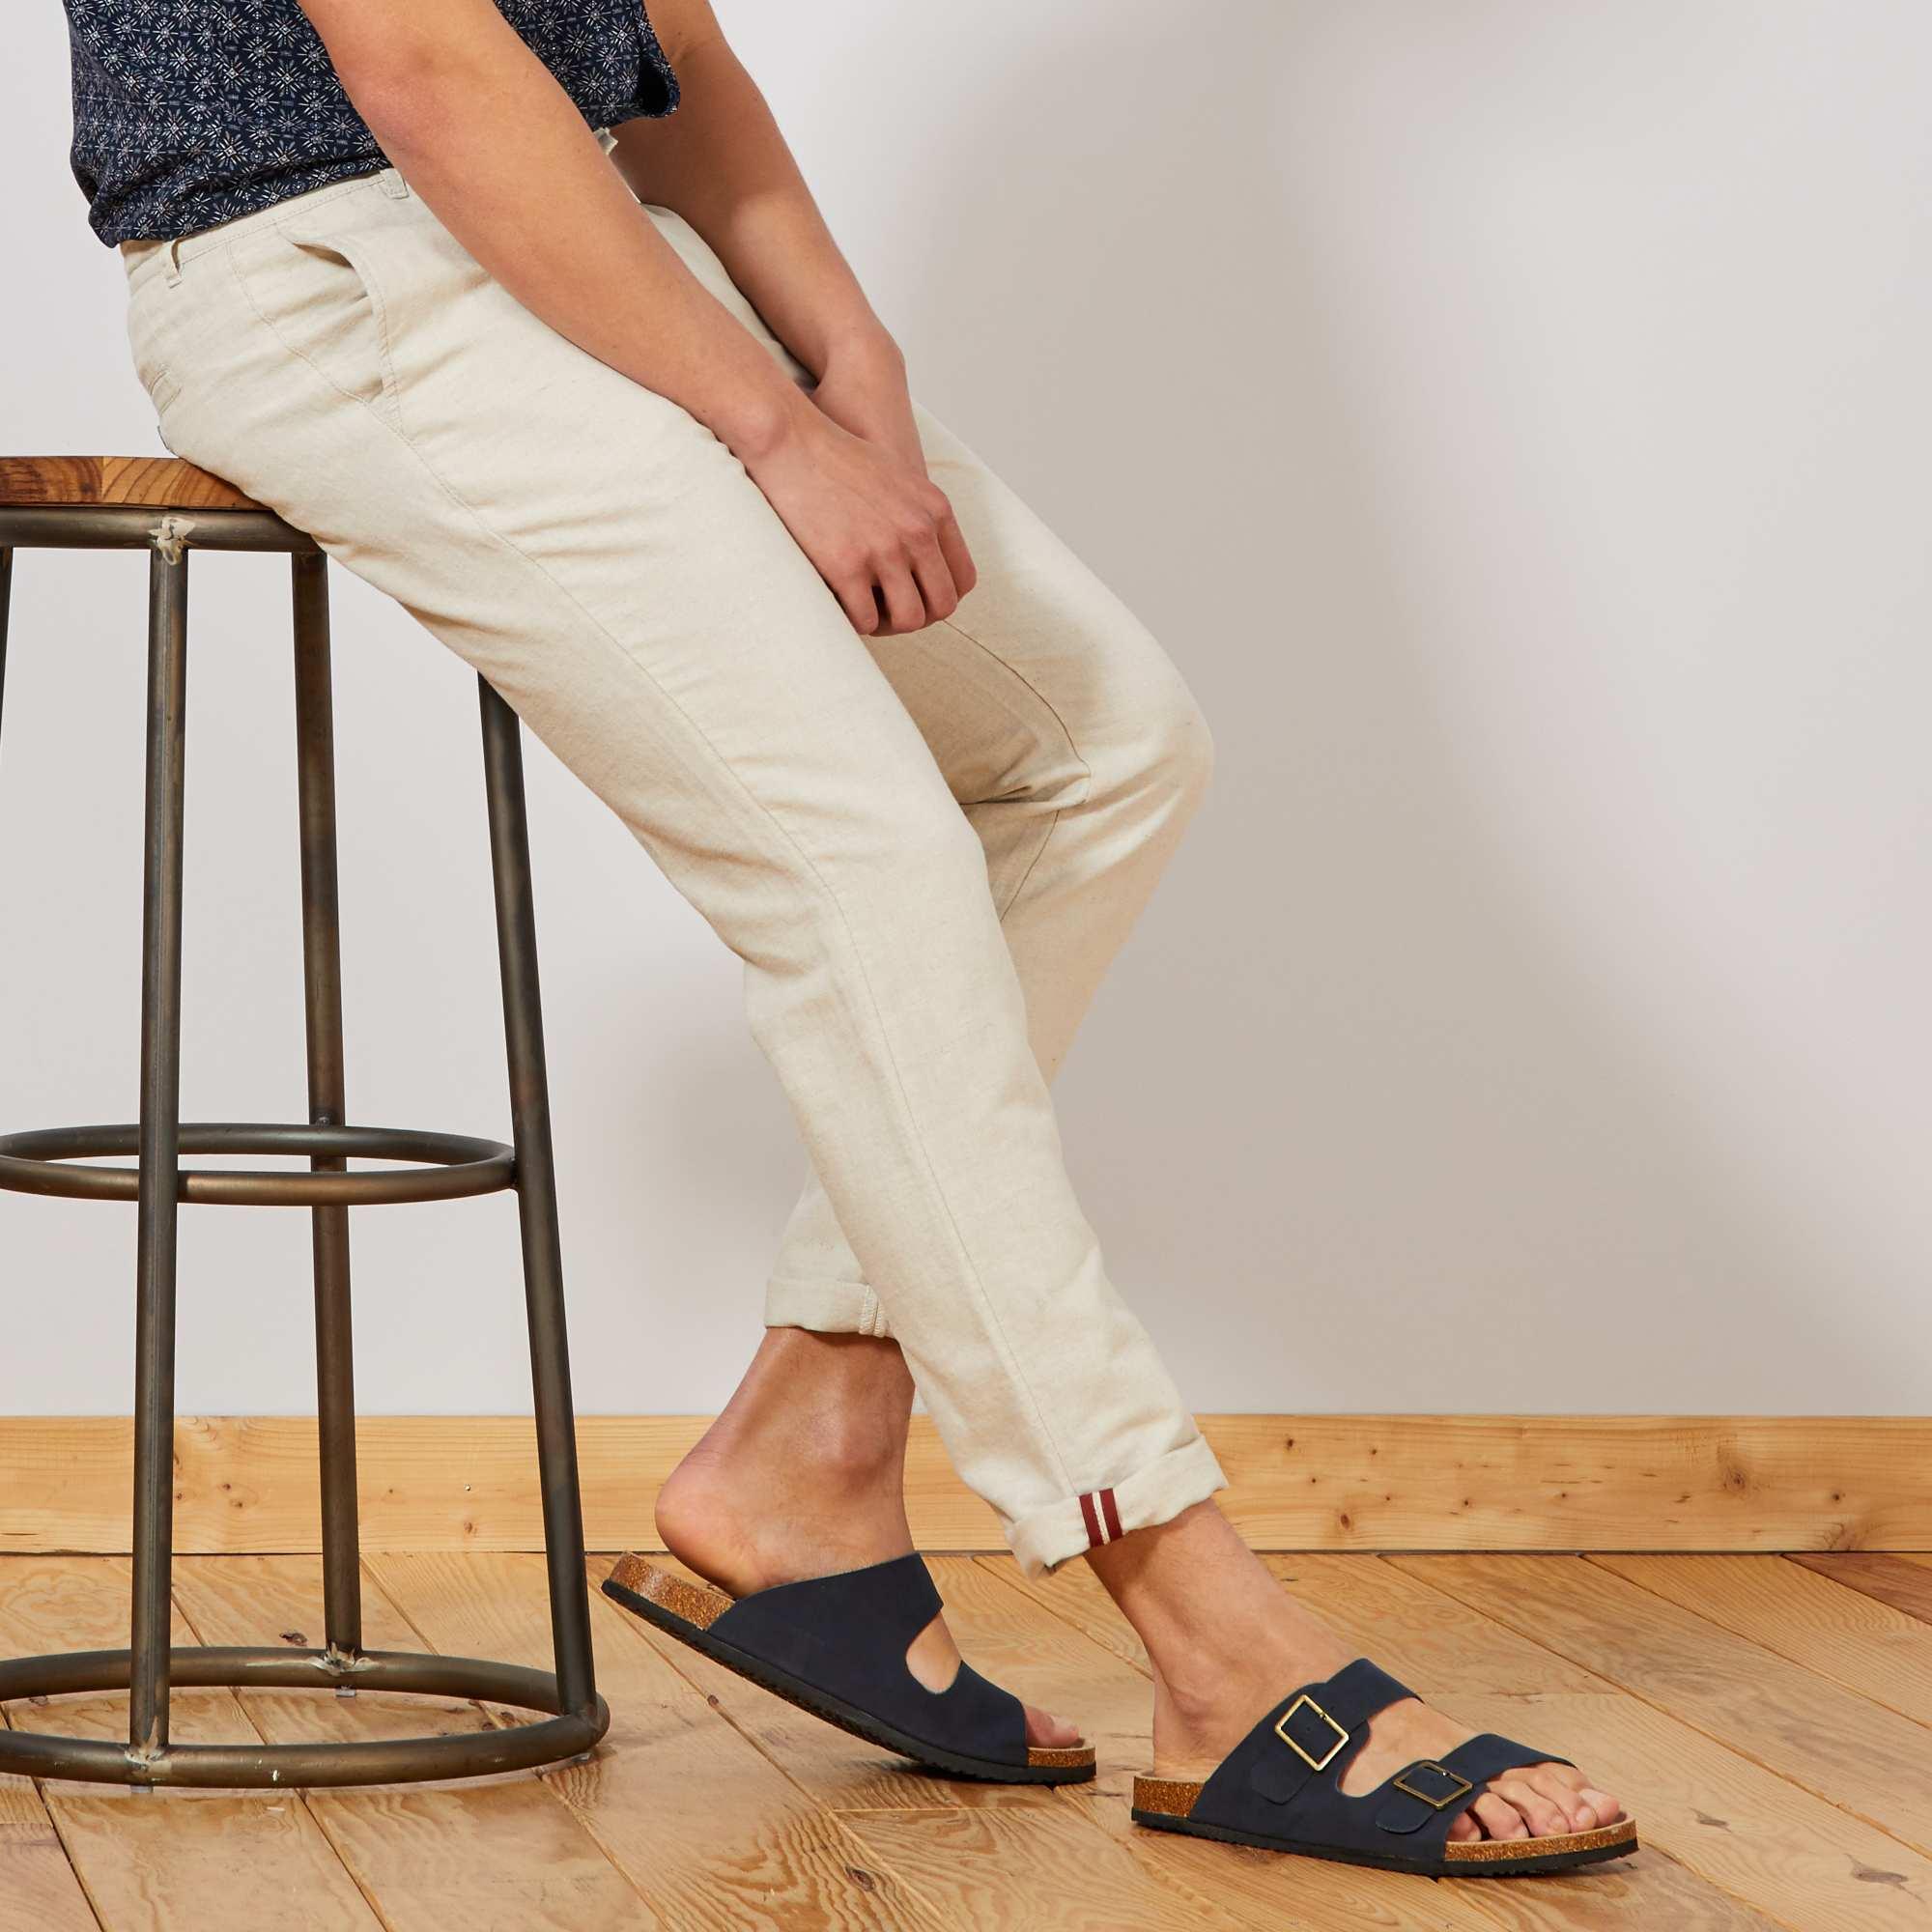 99c6e9f230 Pantalón chino slim de algodón y lino Hombre - MARRON - Kiabi - 20